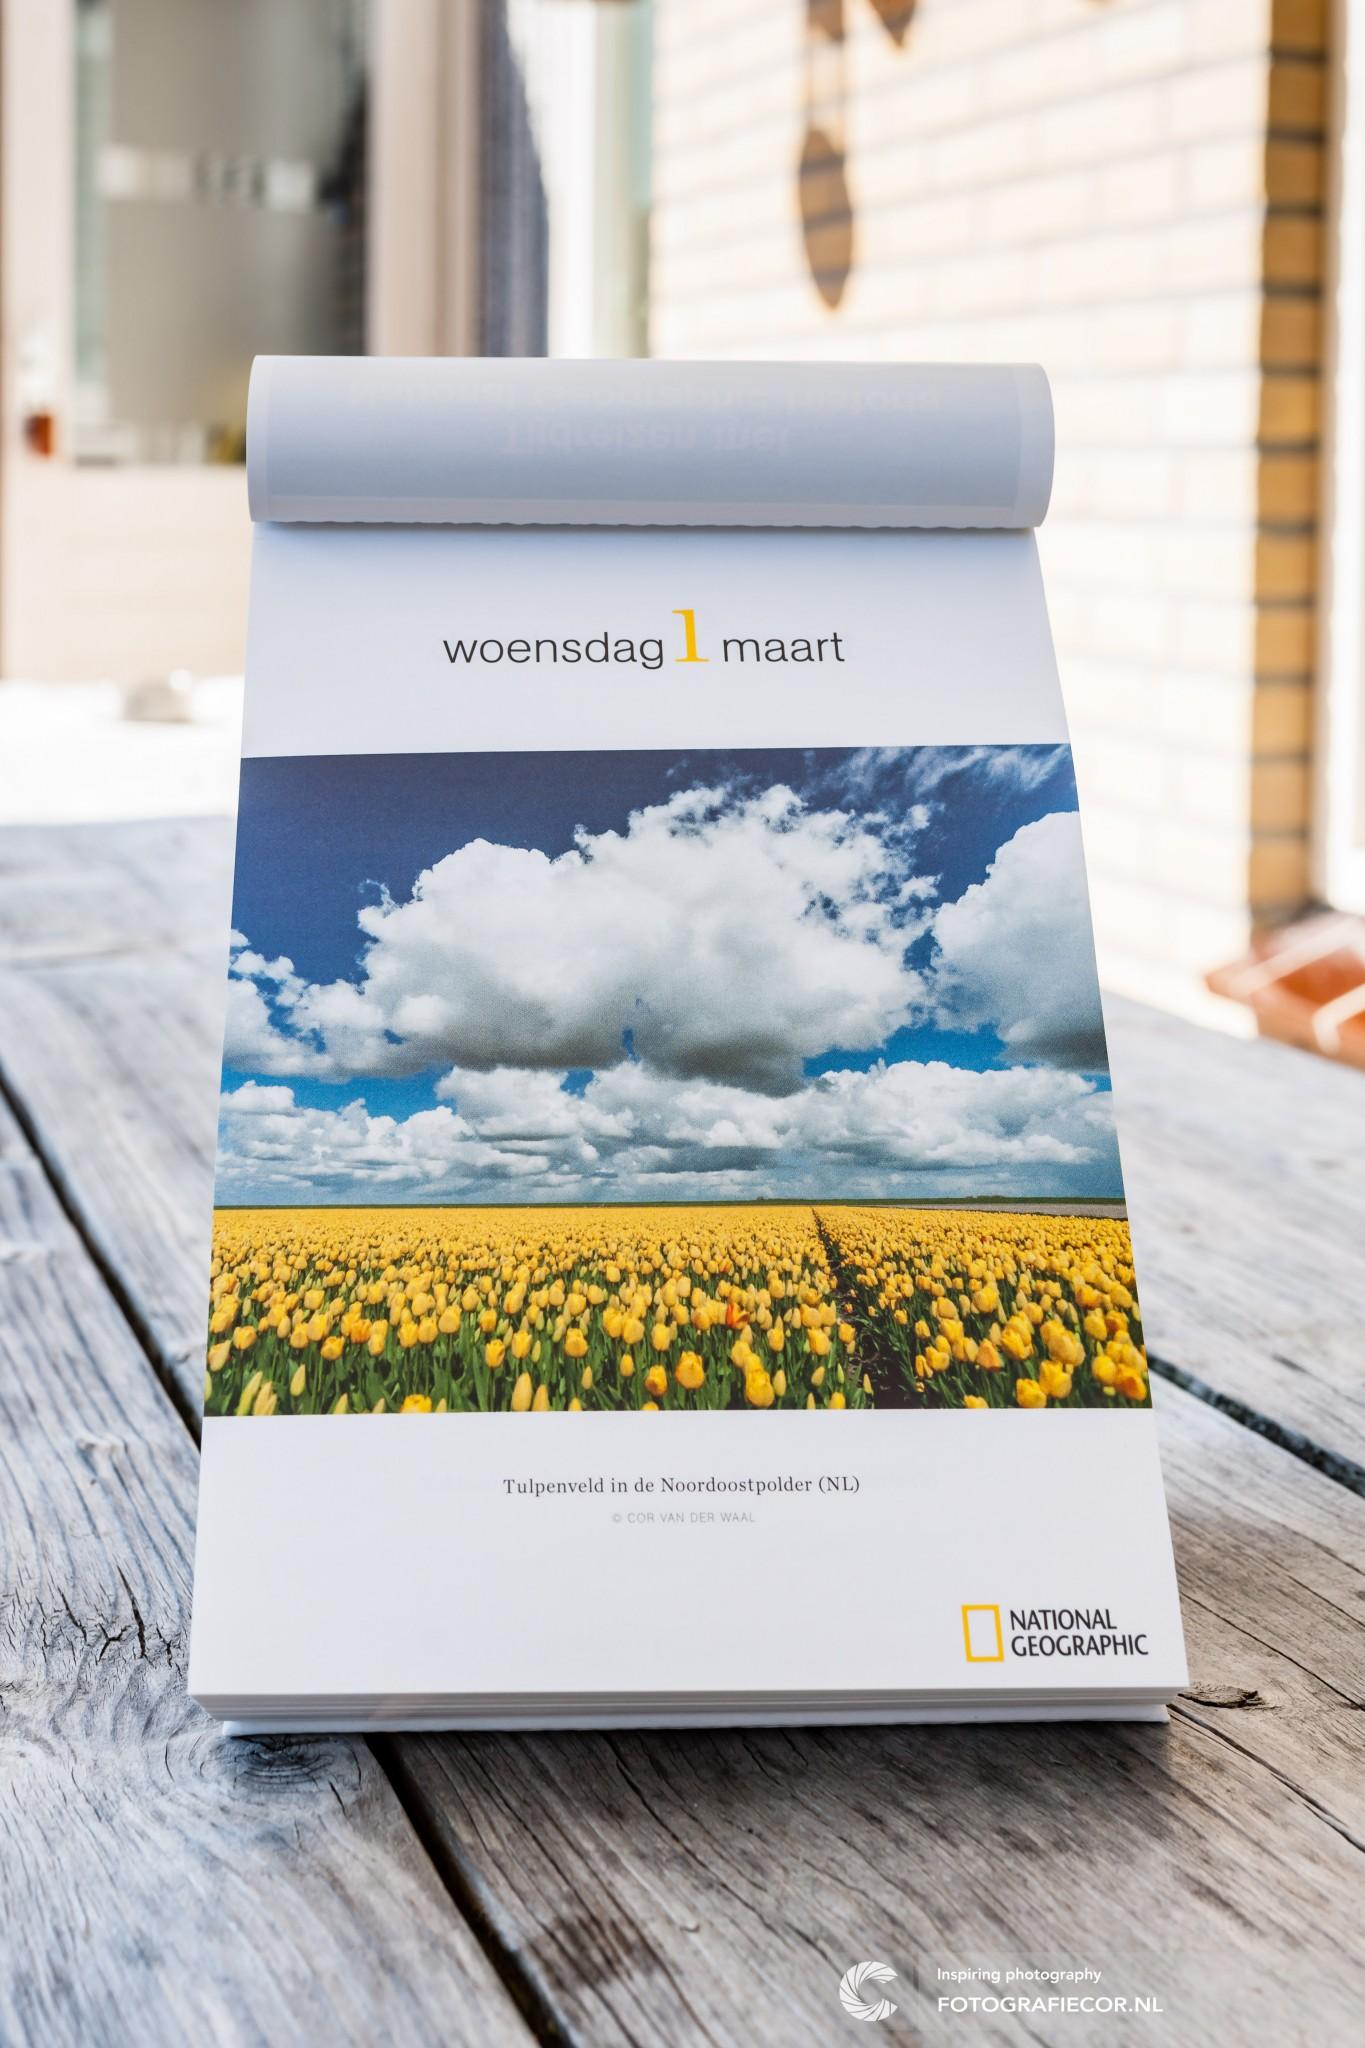 National geographic | Fotograaf | Kampen | Noordoostpolder | Tulpen | Landschap